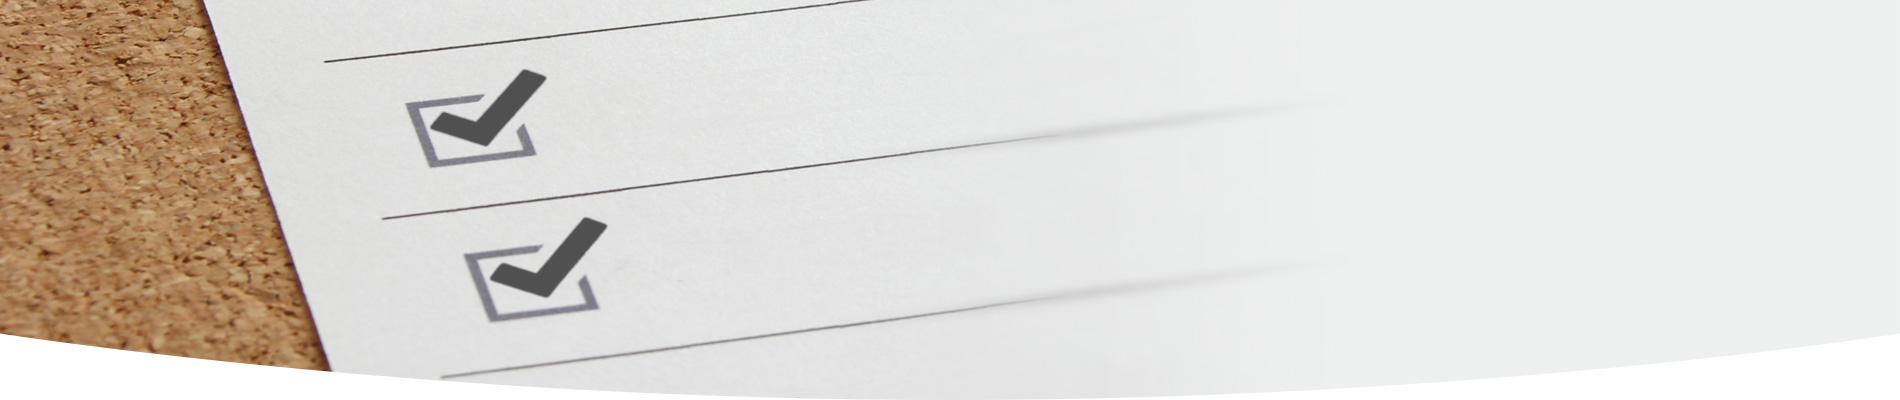 北九州ホームページ制作のプライバシーポリシー